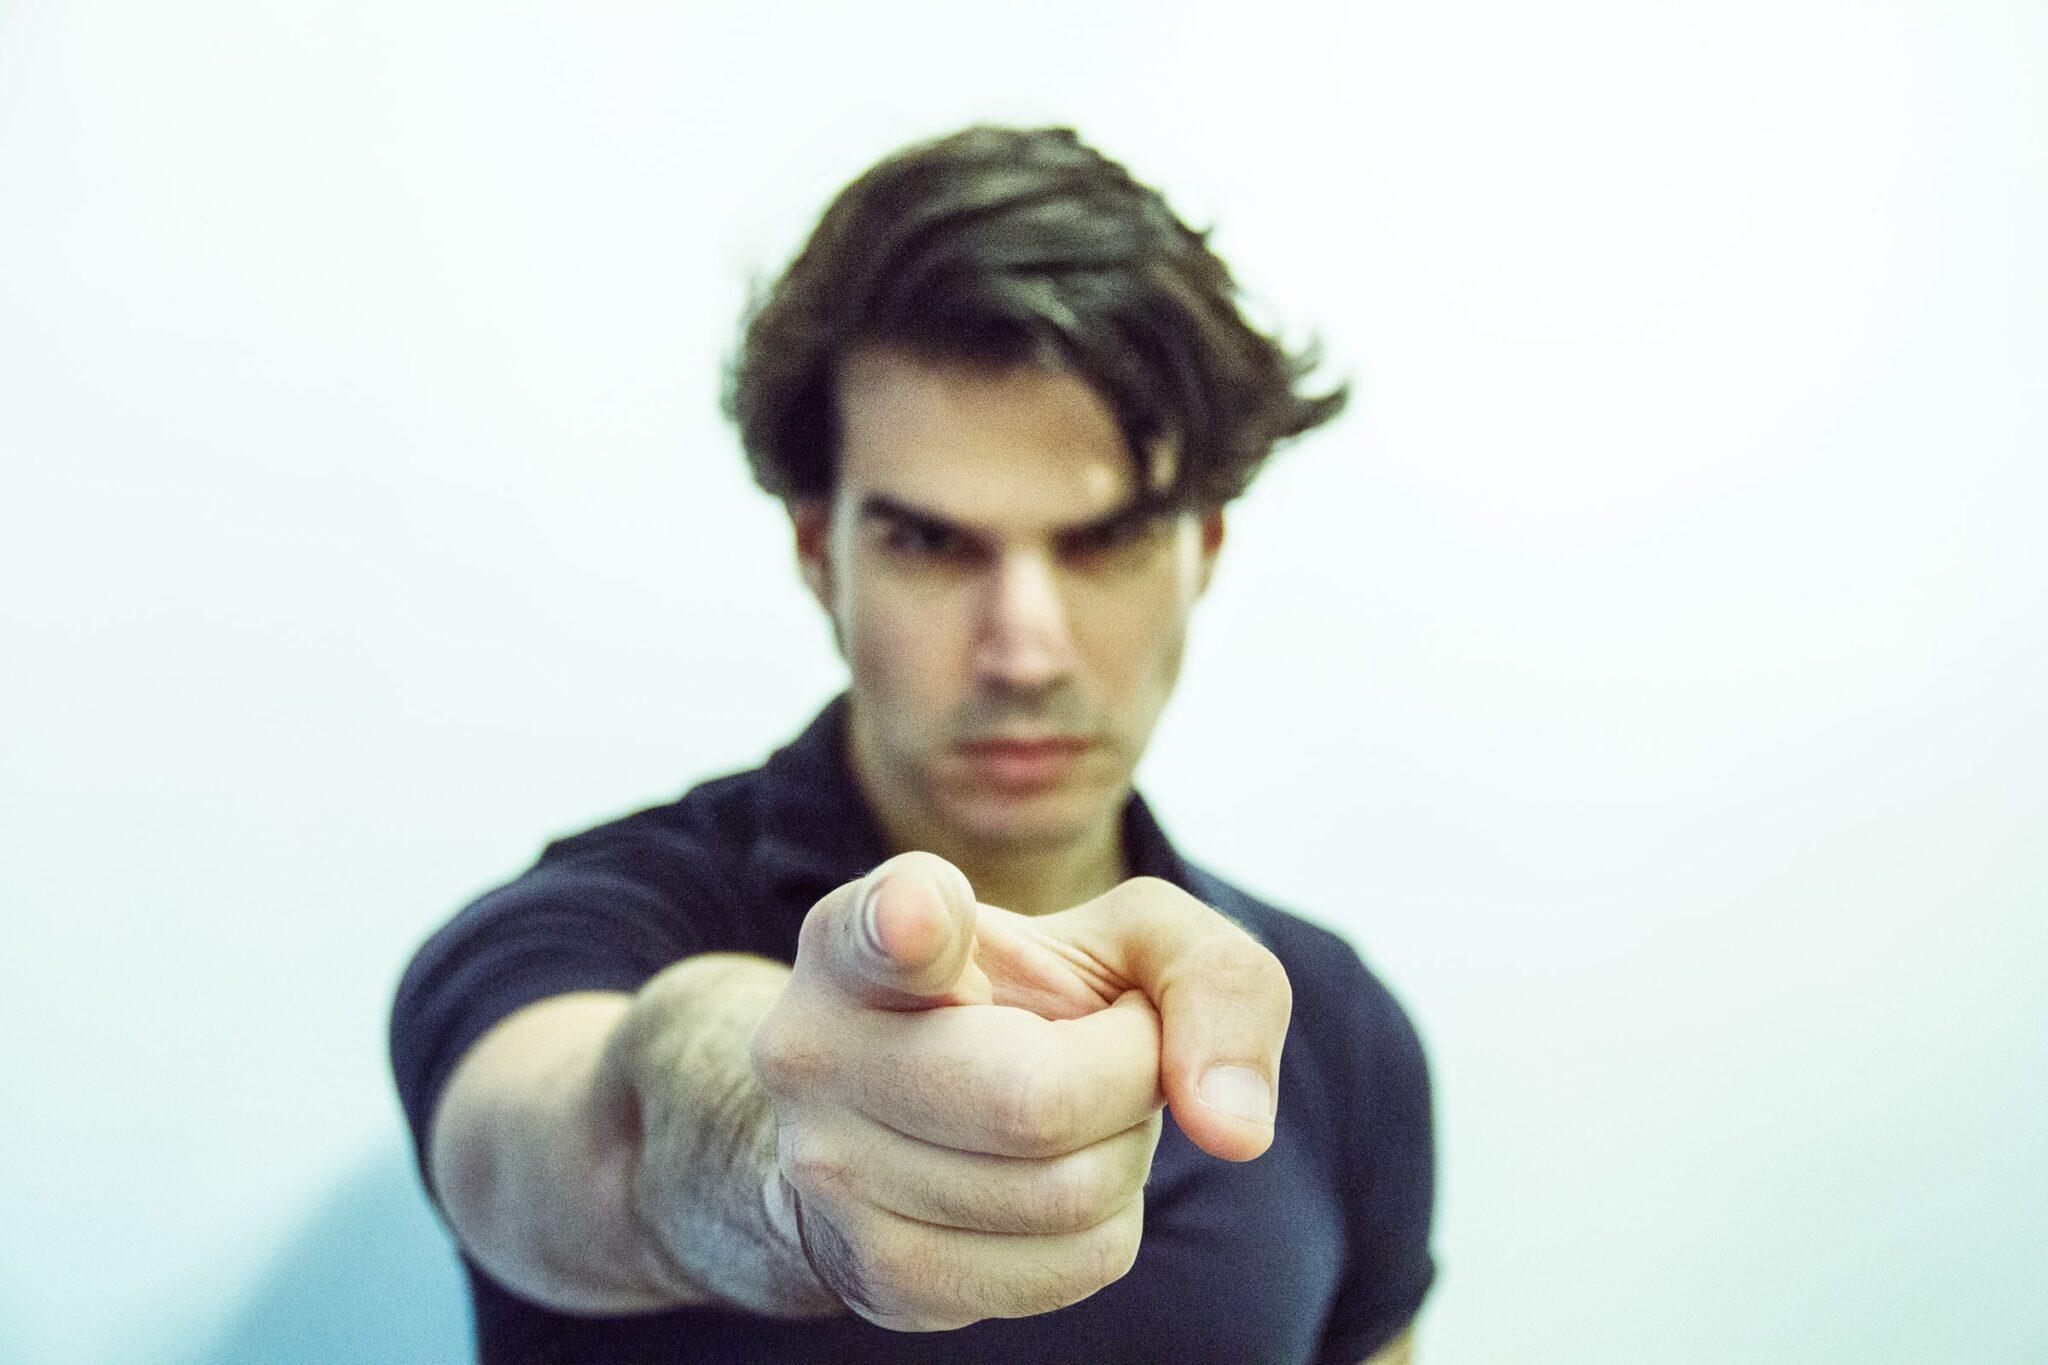 Ein Mann zeigt wütend mit dem Finger auf den Betrachter des Bildes